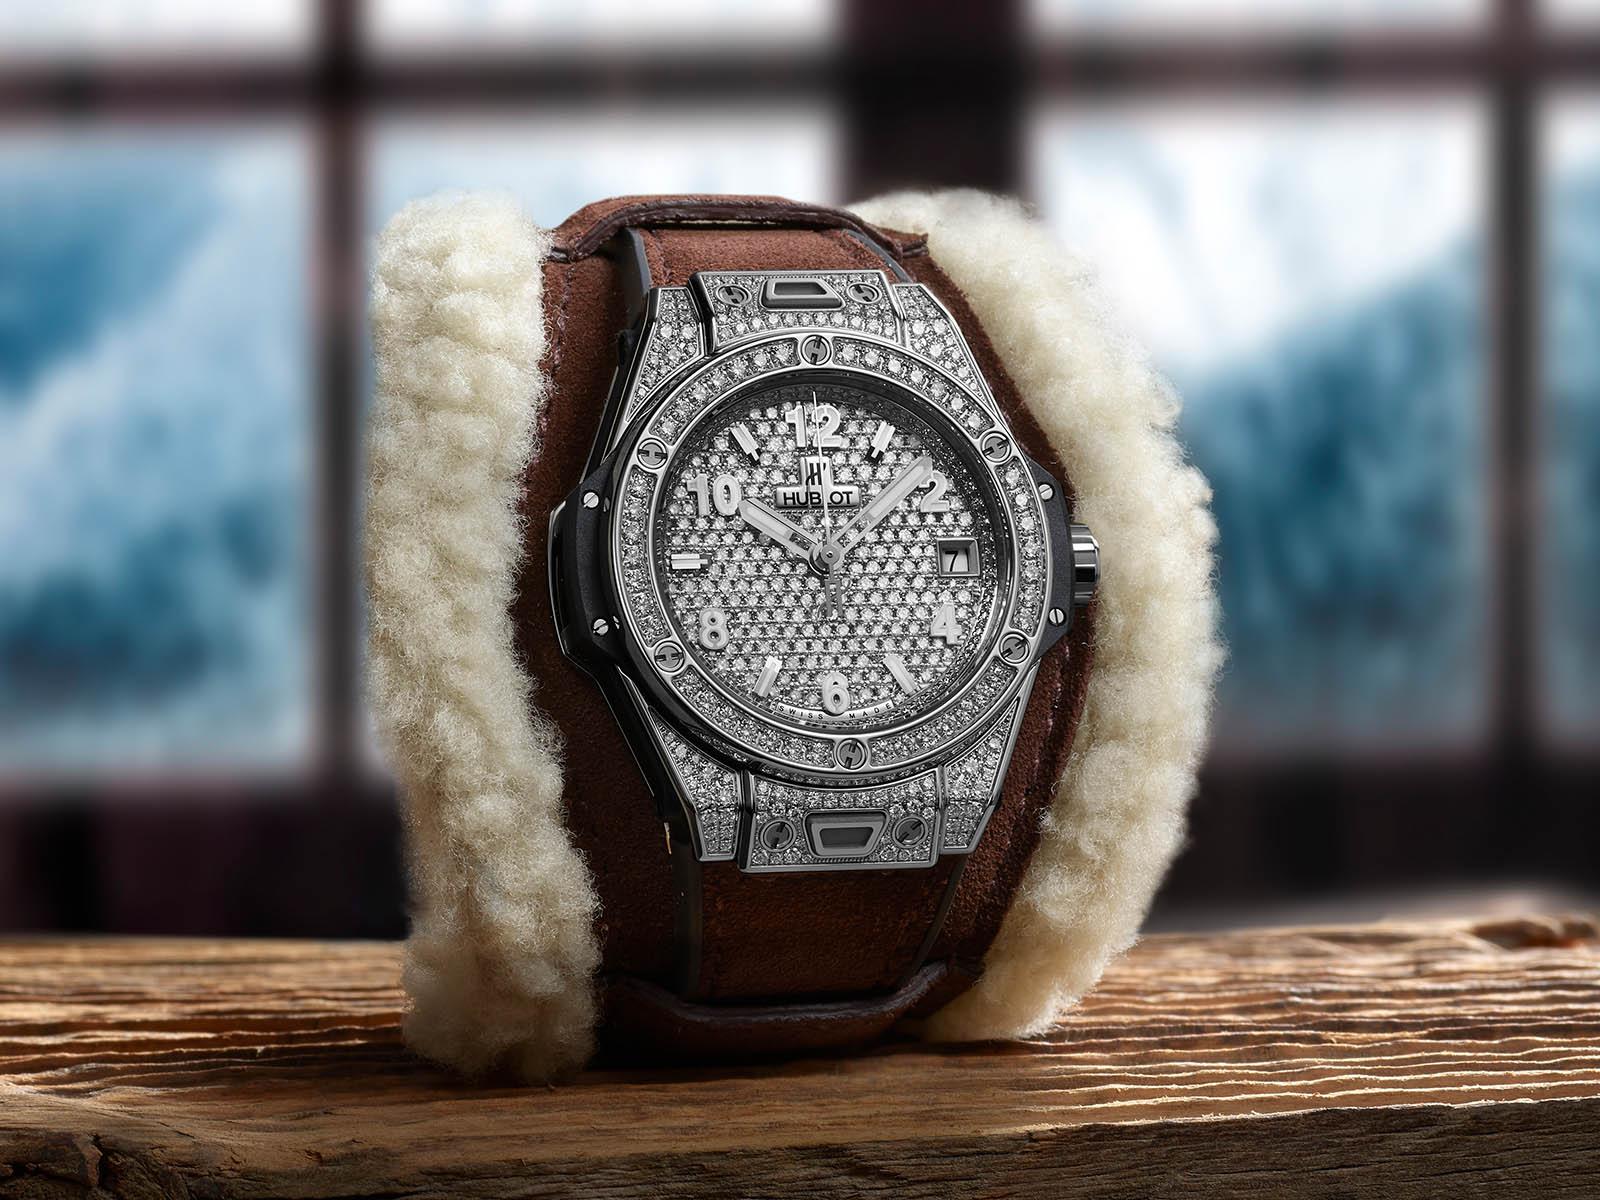 hublot-one-click-bracelets-2020-collection-1.jpg